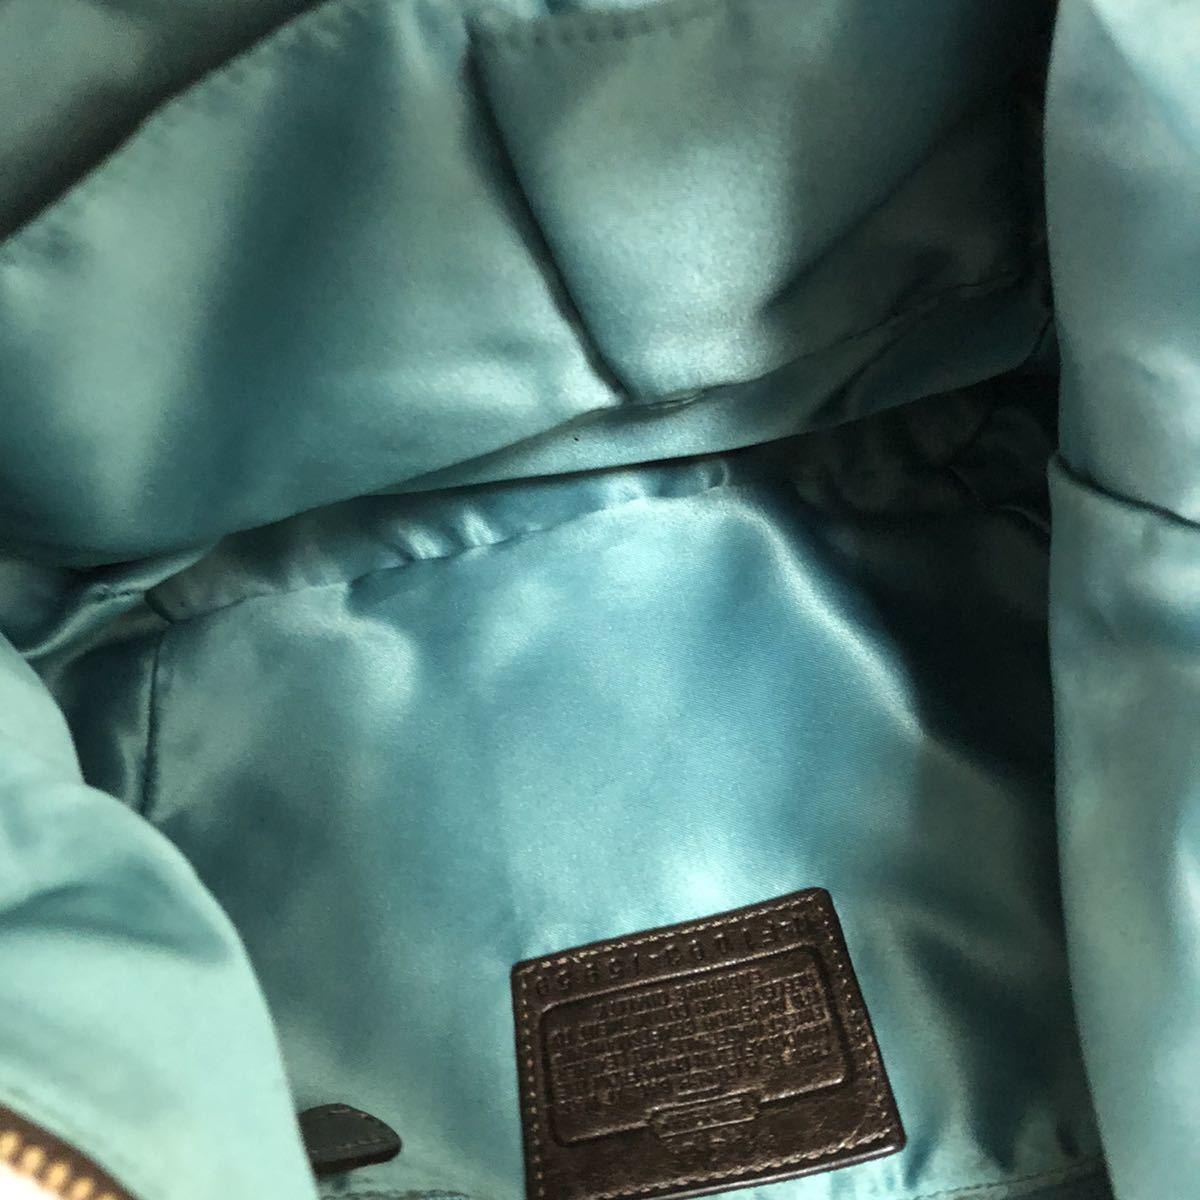 COACH コーチ 2way ハンドバッグ ショルダーバッグ トートバッグ レディース 人気 ブランド 正規品 ファッション アイテム おしゃれ